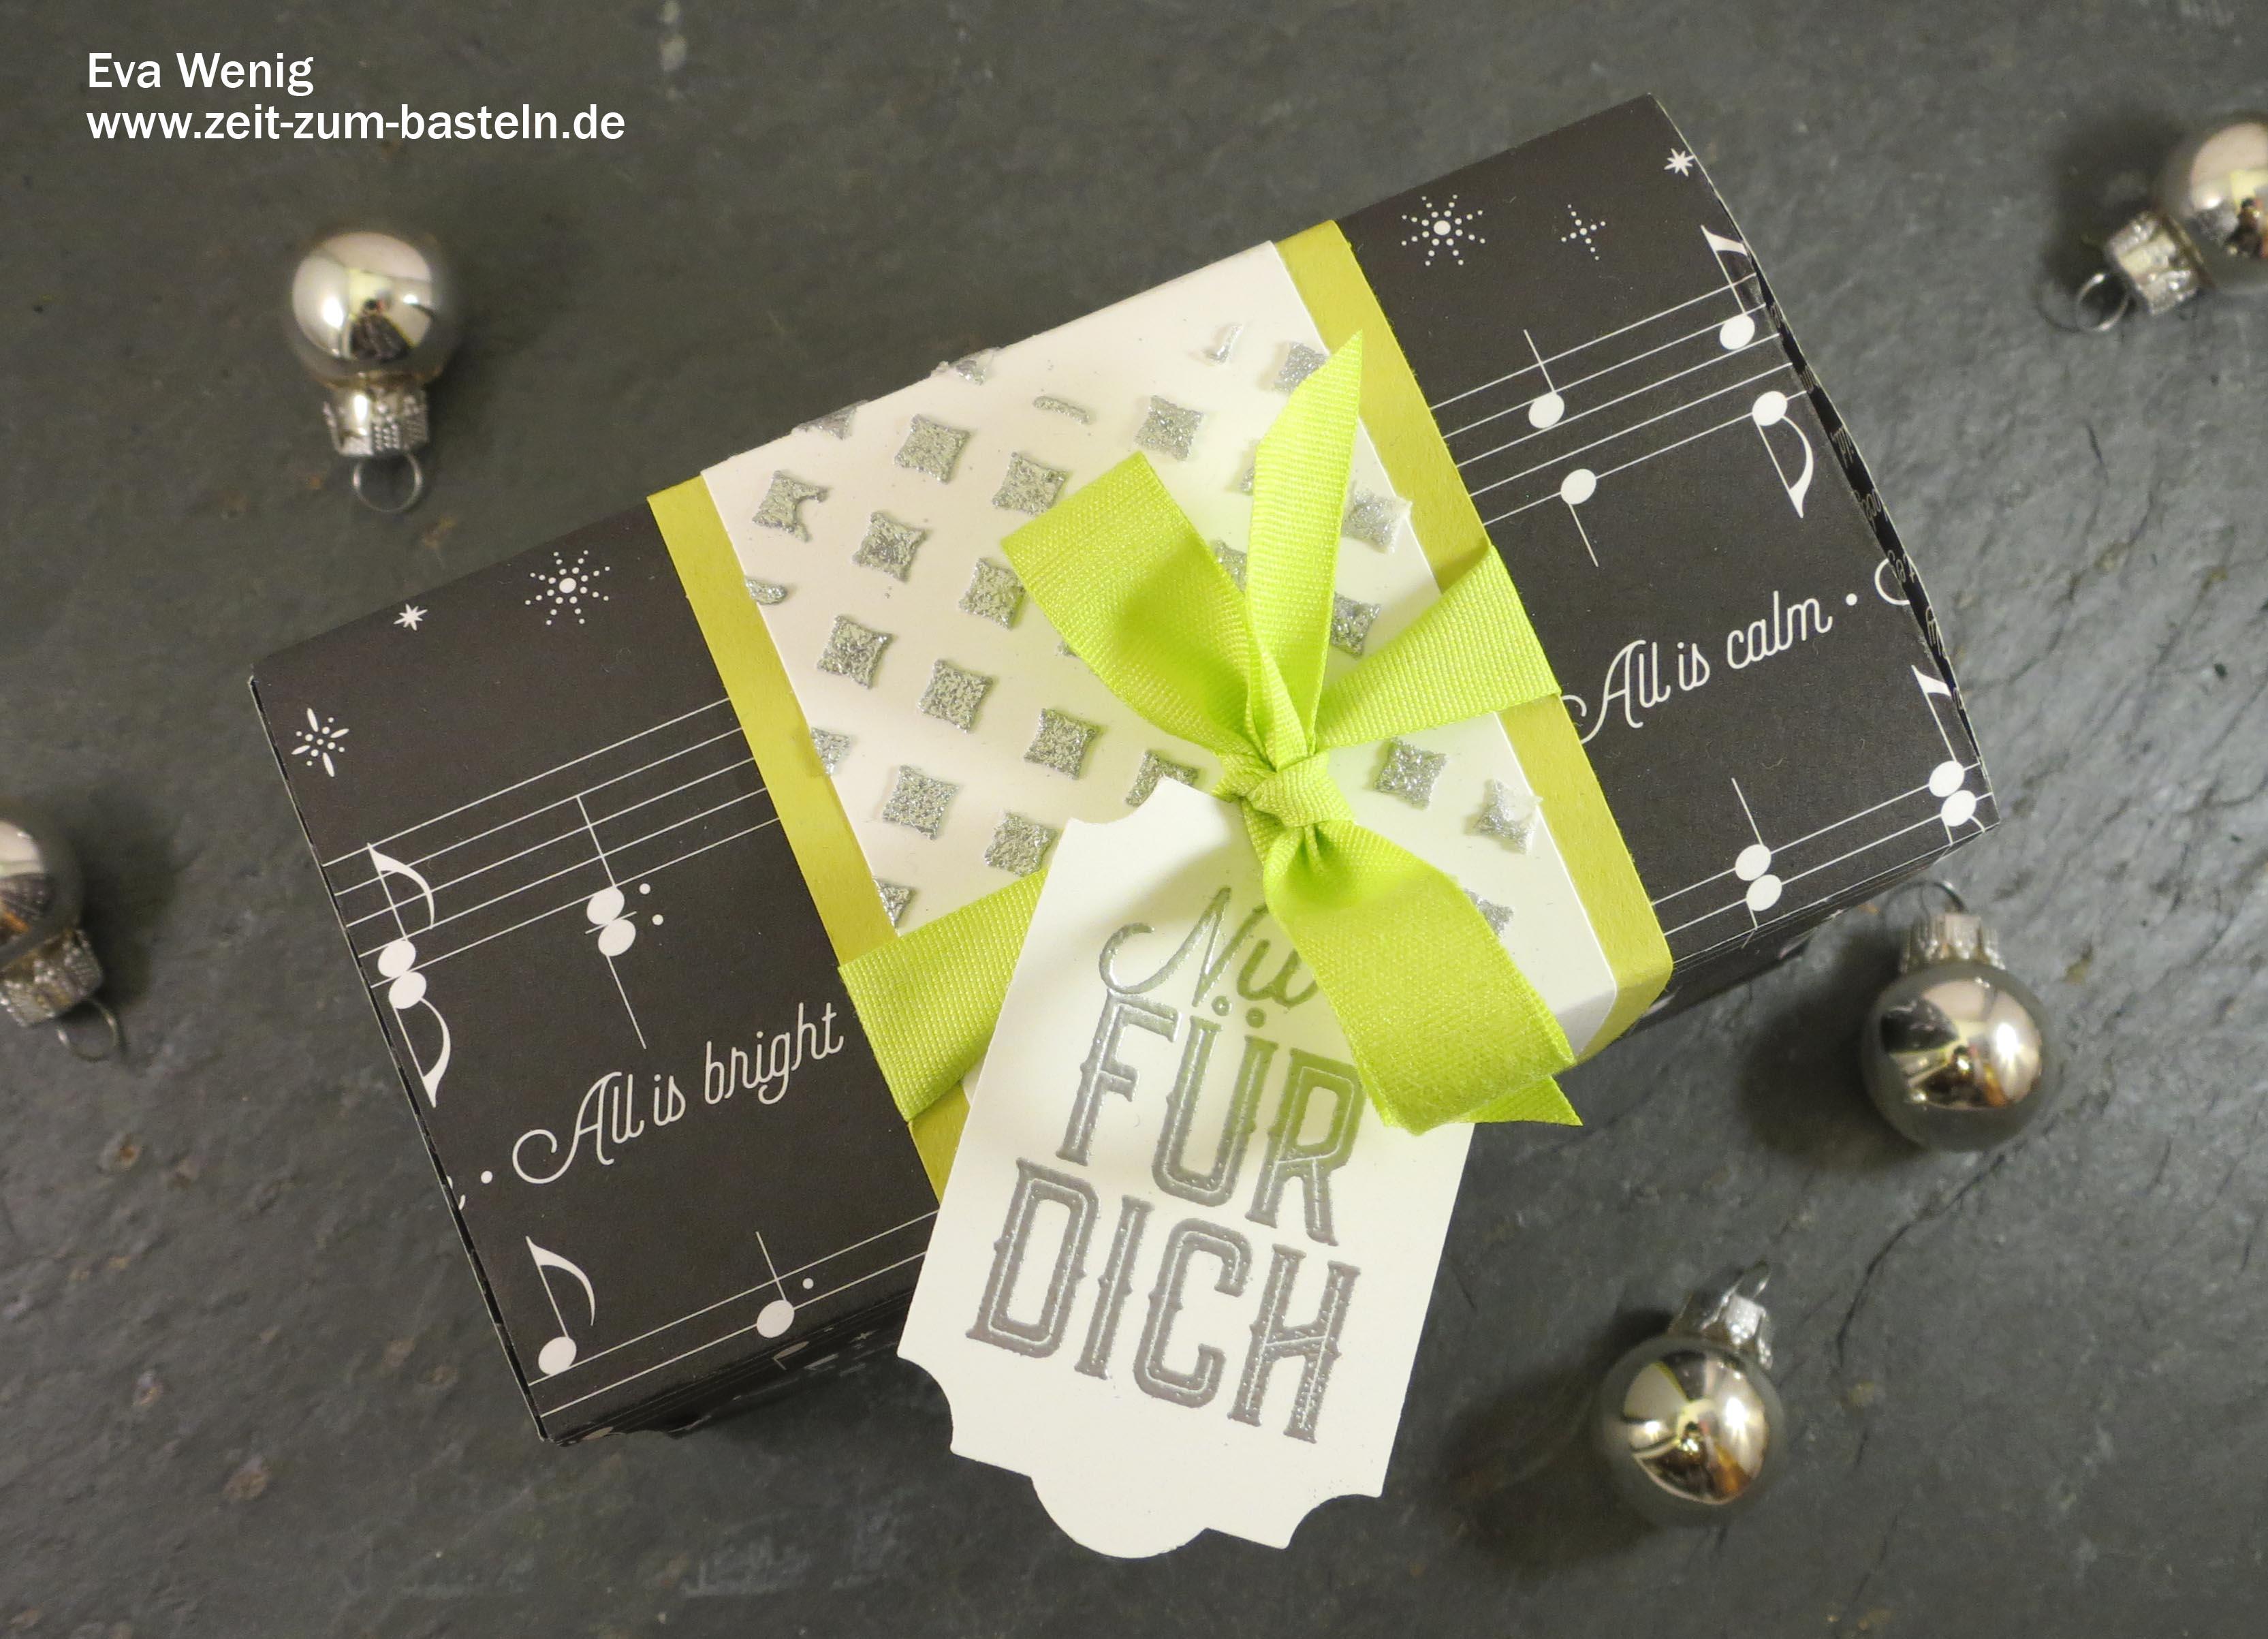 Weihnachtliche Box mit Strukturpaste und Embossingpulver - Stampin Up (Weihnachtliche Etiketten) - www.zeit-zum-basteln.de